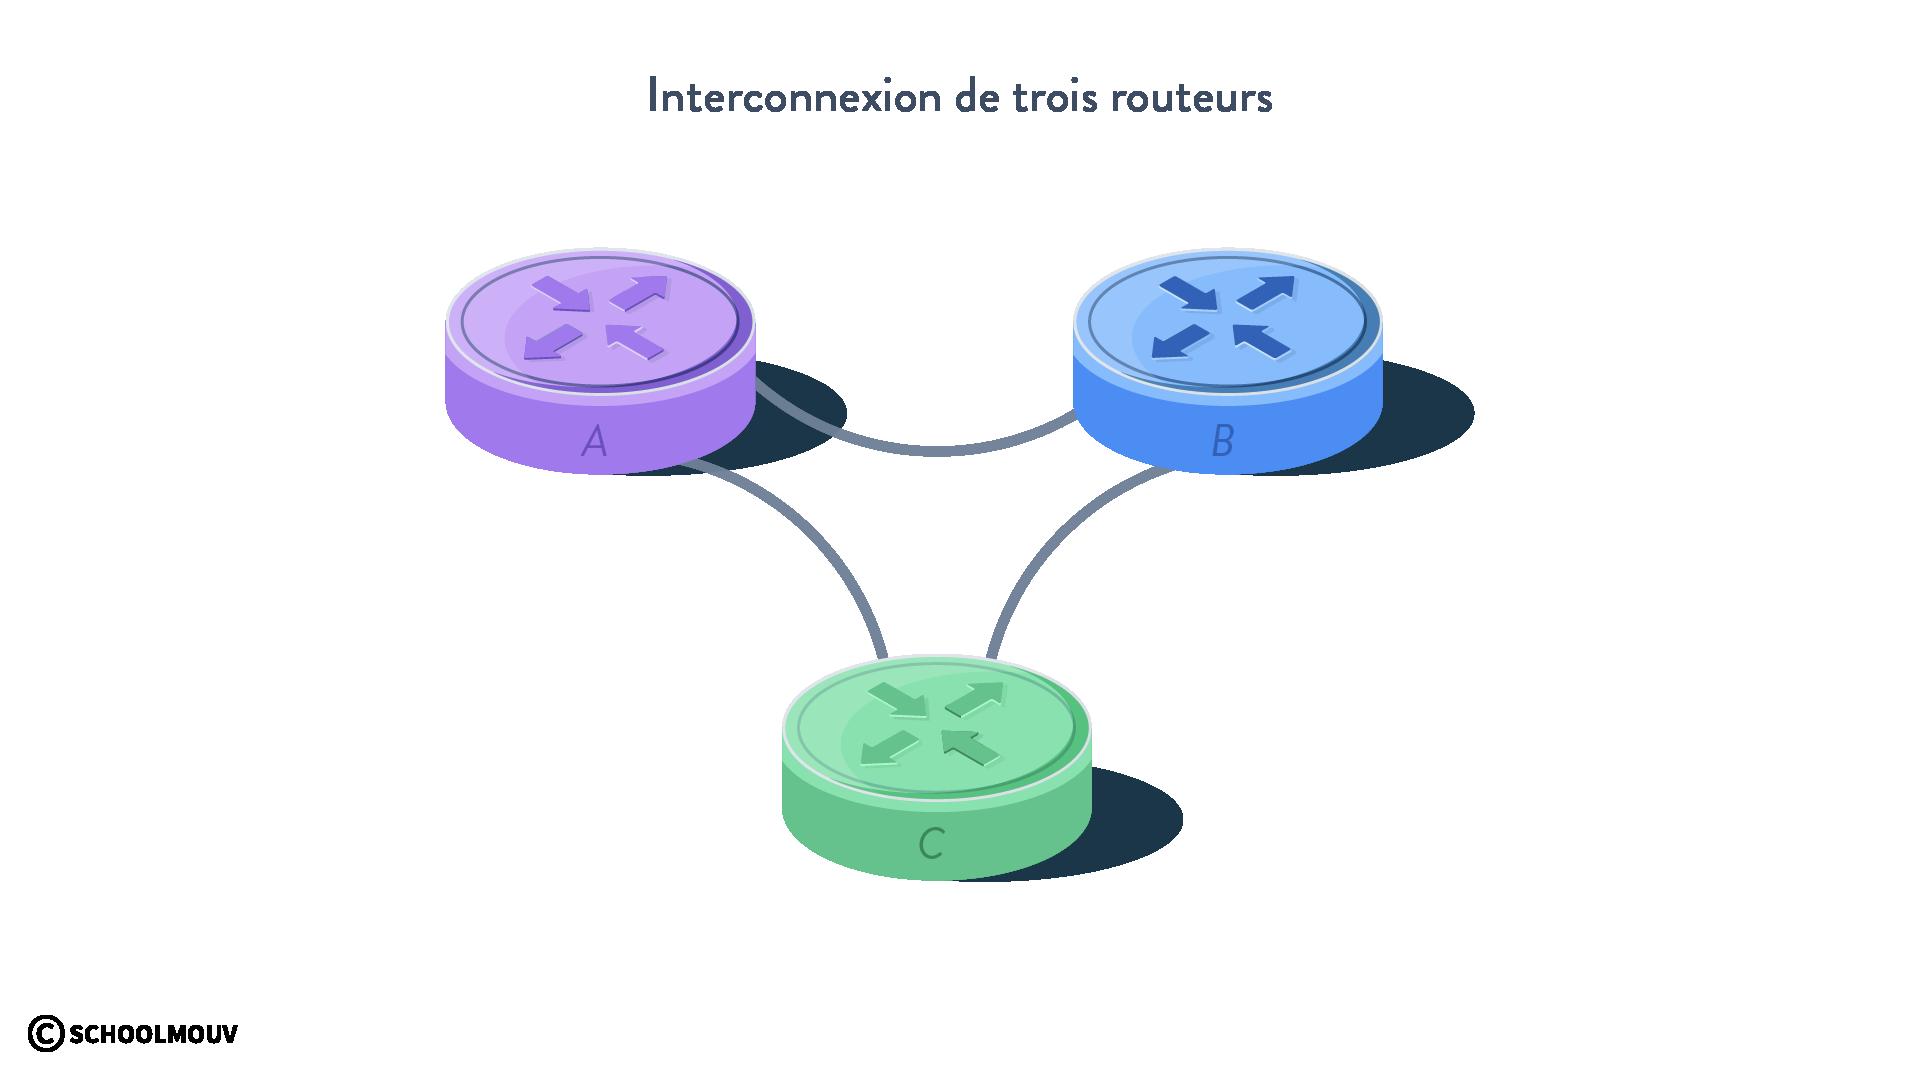 interconnexion de trois routeurs